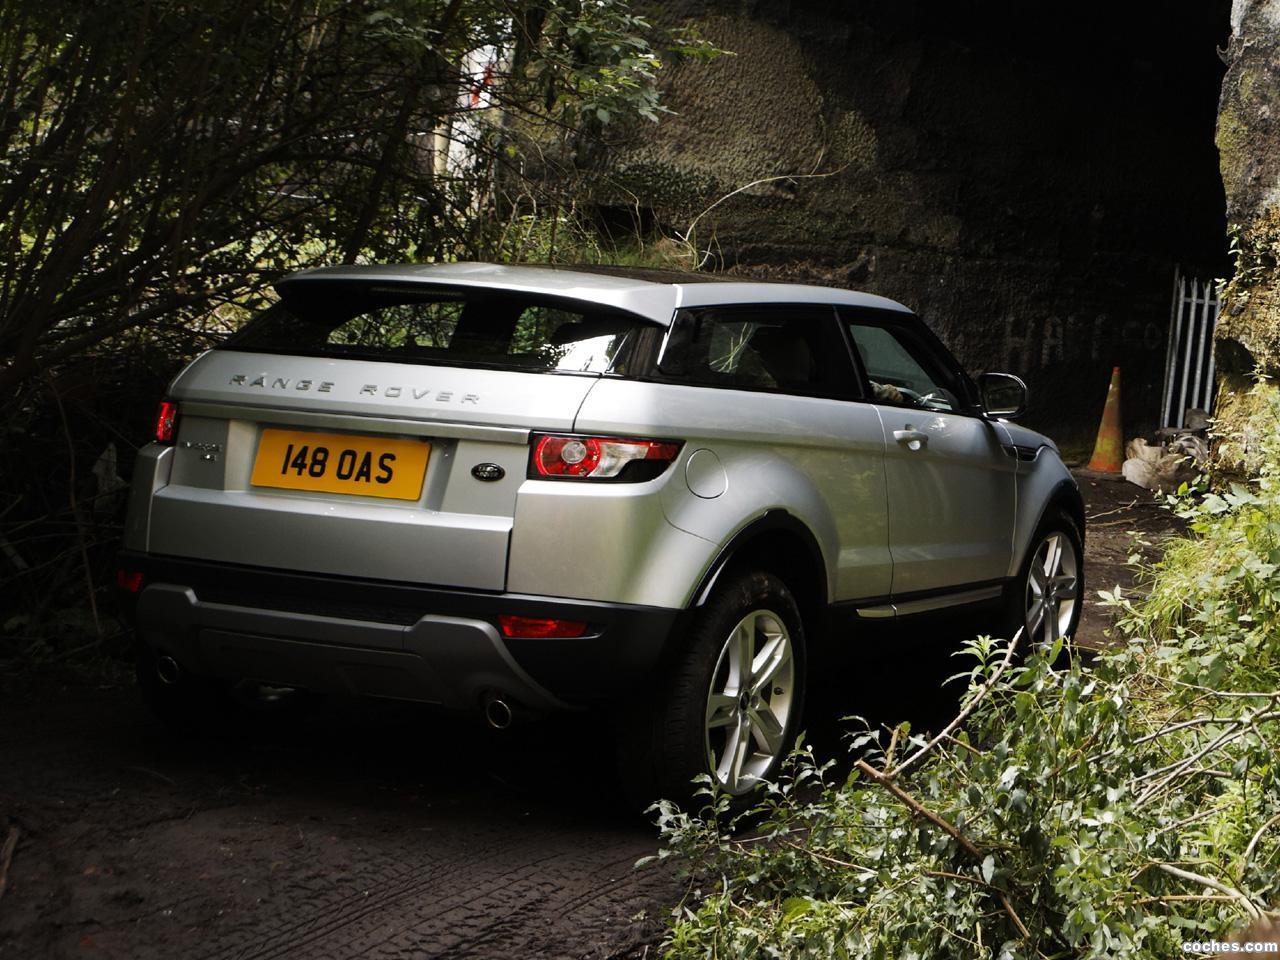 Foto 5 de Range Rover Evoque Coupe SI4 Prestige UK 2011